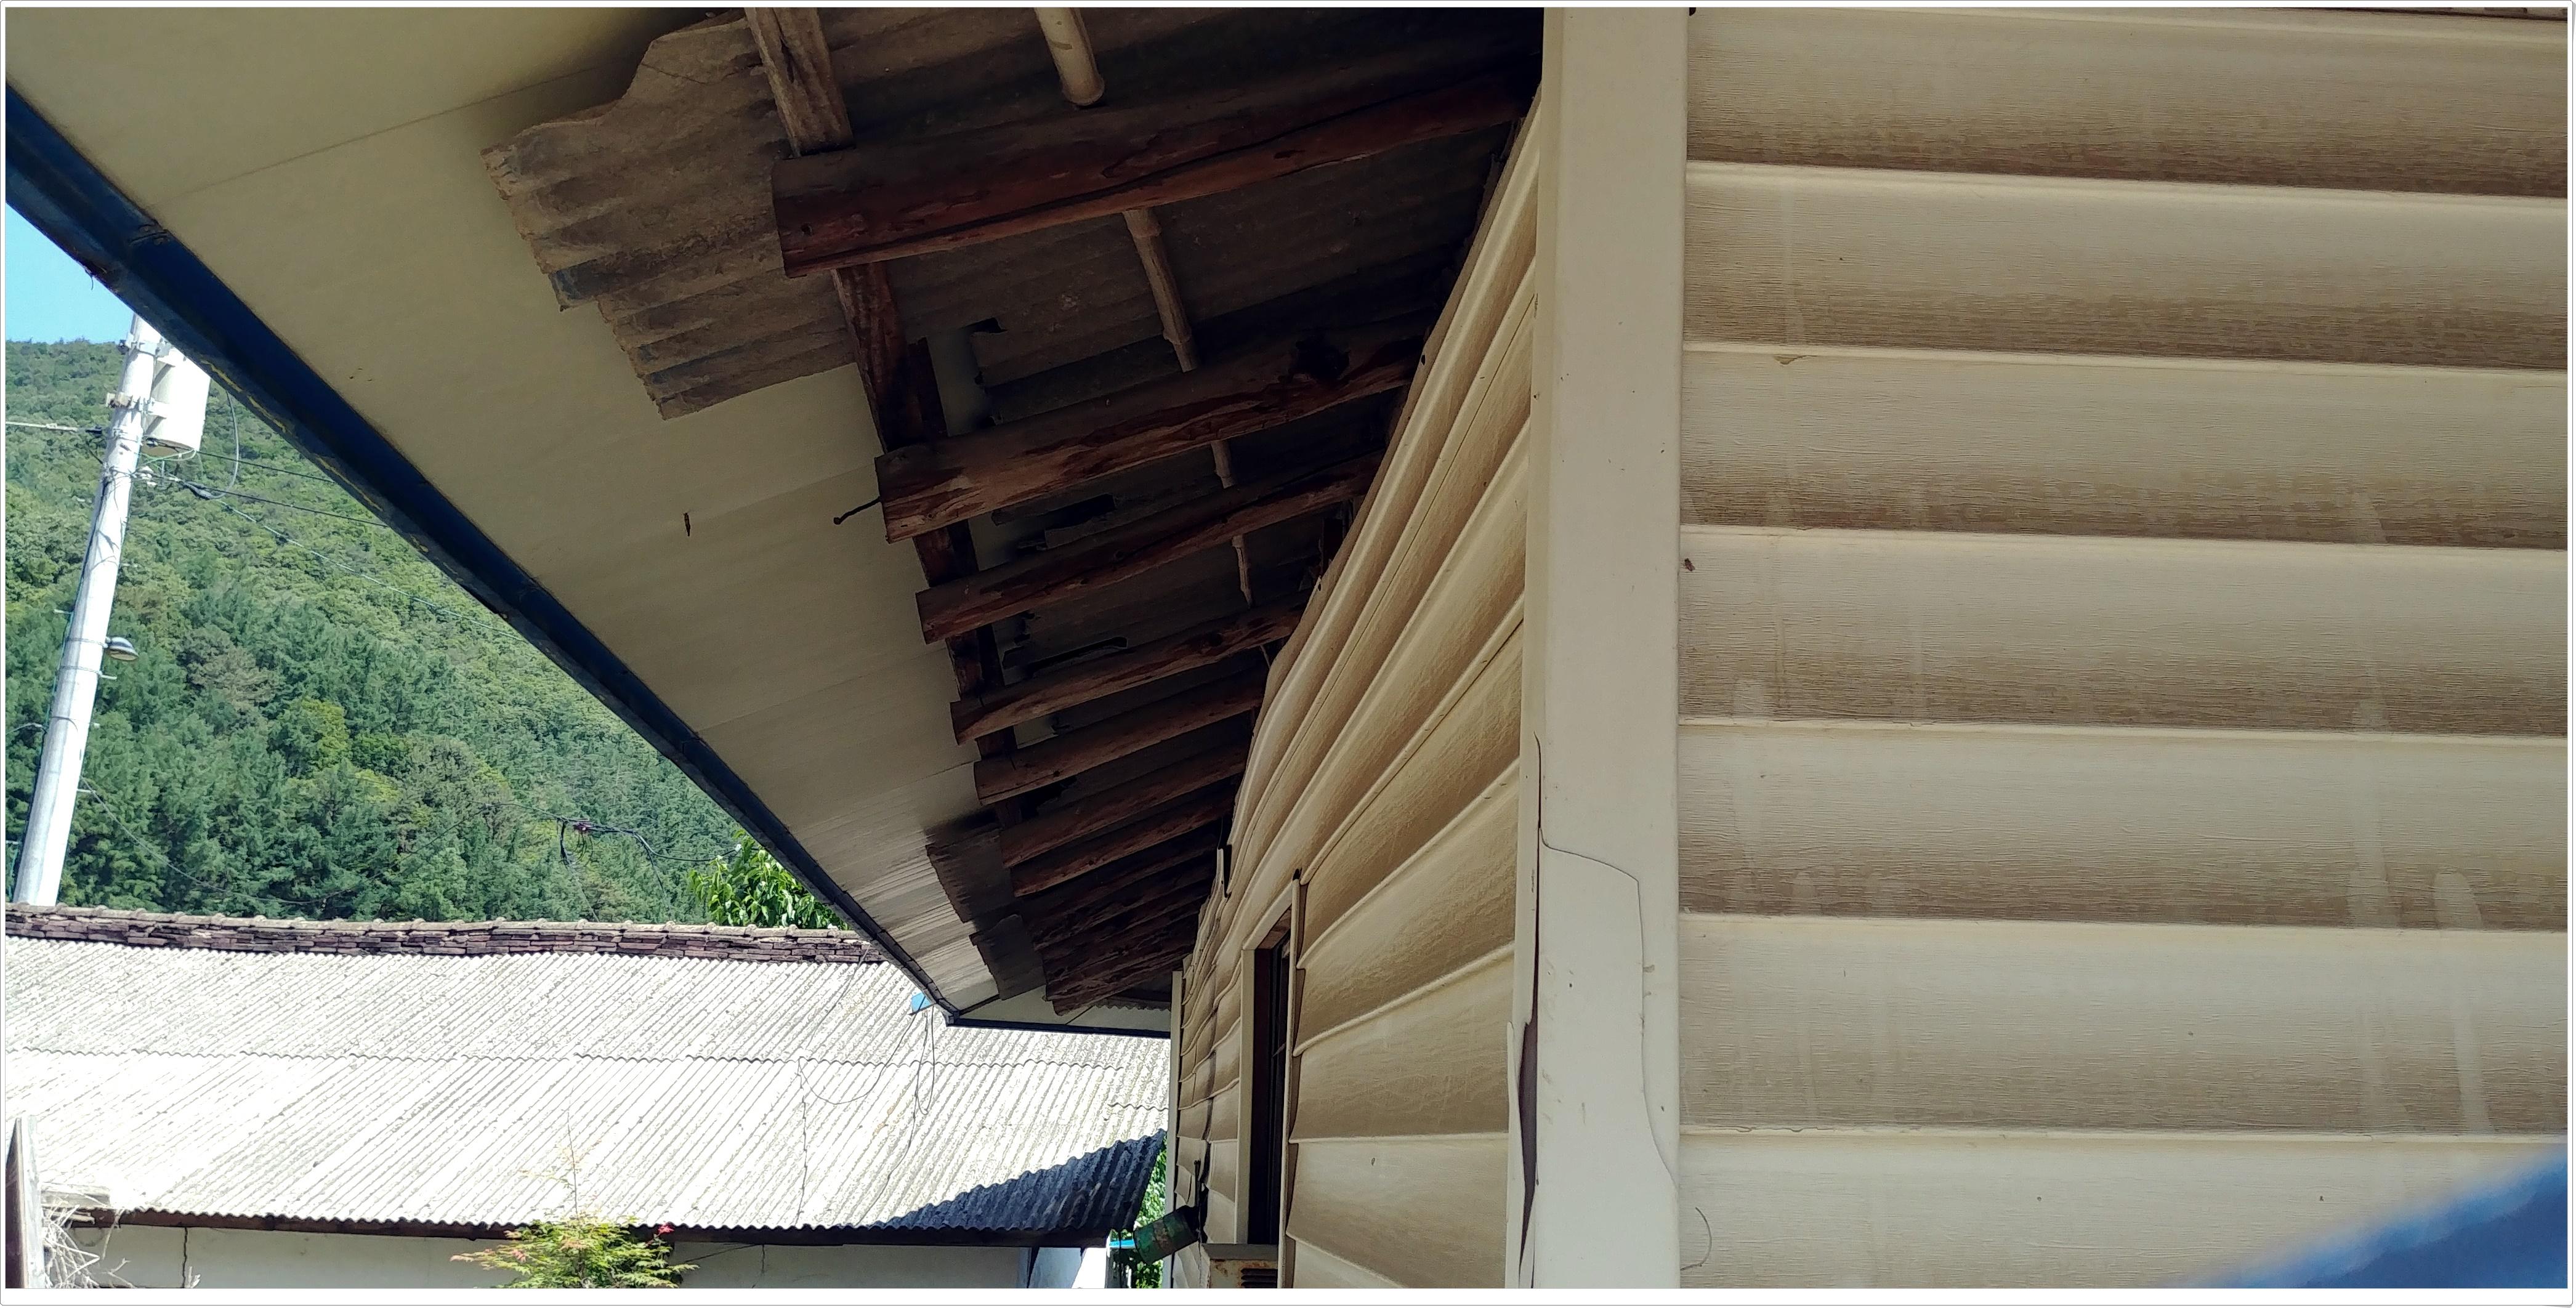 2 번째 사진 단독주택 에  연면적 ㎡ 광주시 주택 석면조사 현장